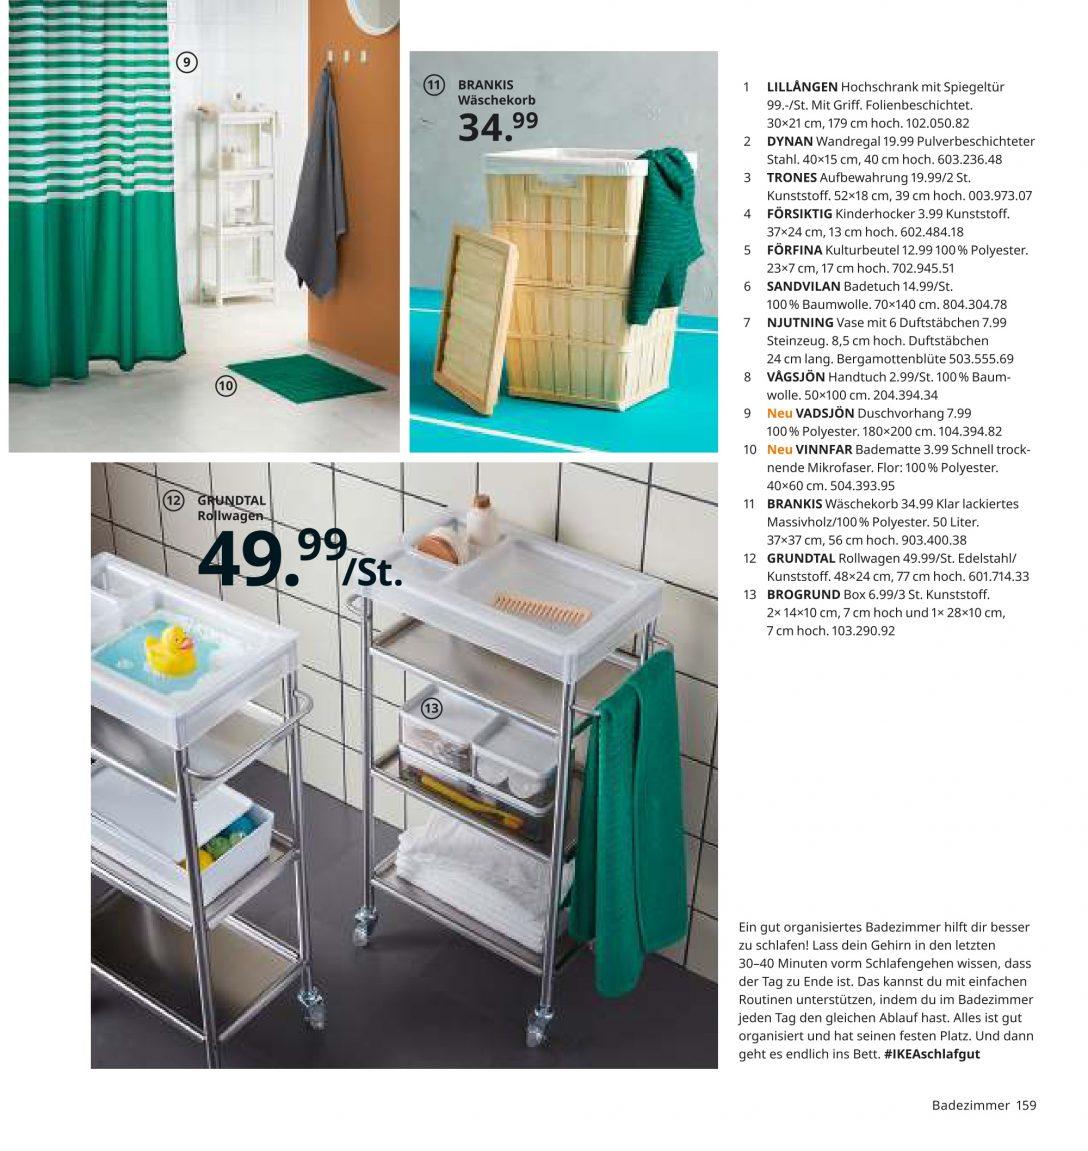 Large Size of Rollwagen Ikea Grundtal Im Angebot Bei Kupinode Küche Miniküche Bad Sofa Mit Schlaffunktion Modulküche Kaufen Betten Kosten 160x200 Wohnzimmer Rollwagen Ikea